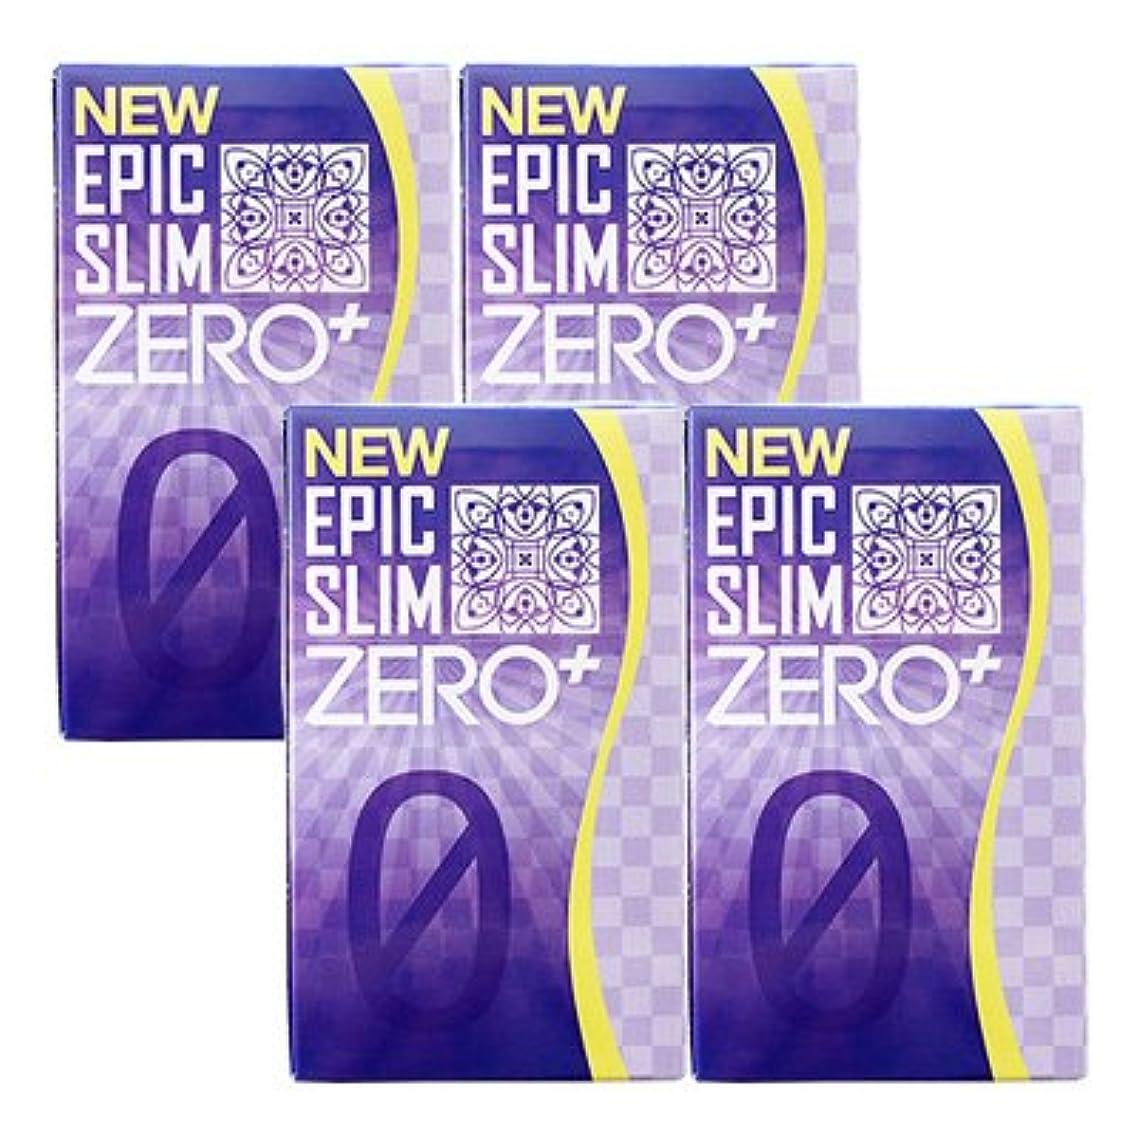 配る人に関する限りパレードNEW エピックスリム ゼロ+ 4個セット NEW Epic Slim ZERO PLUS